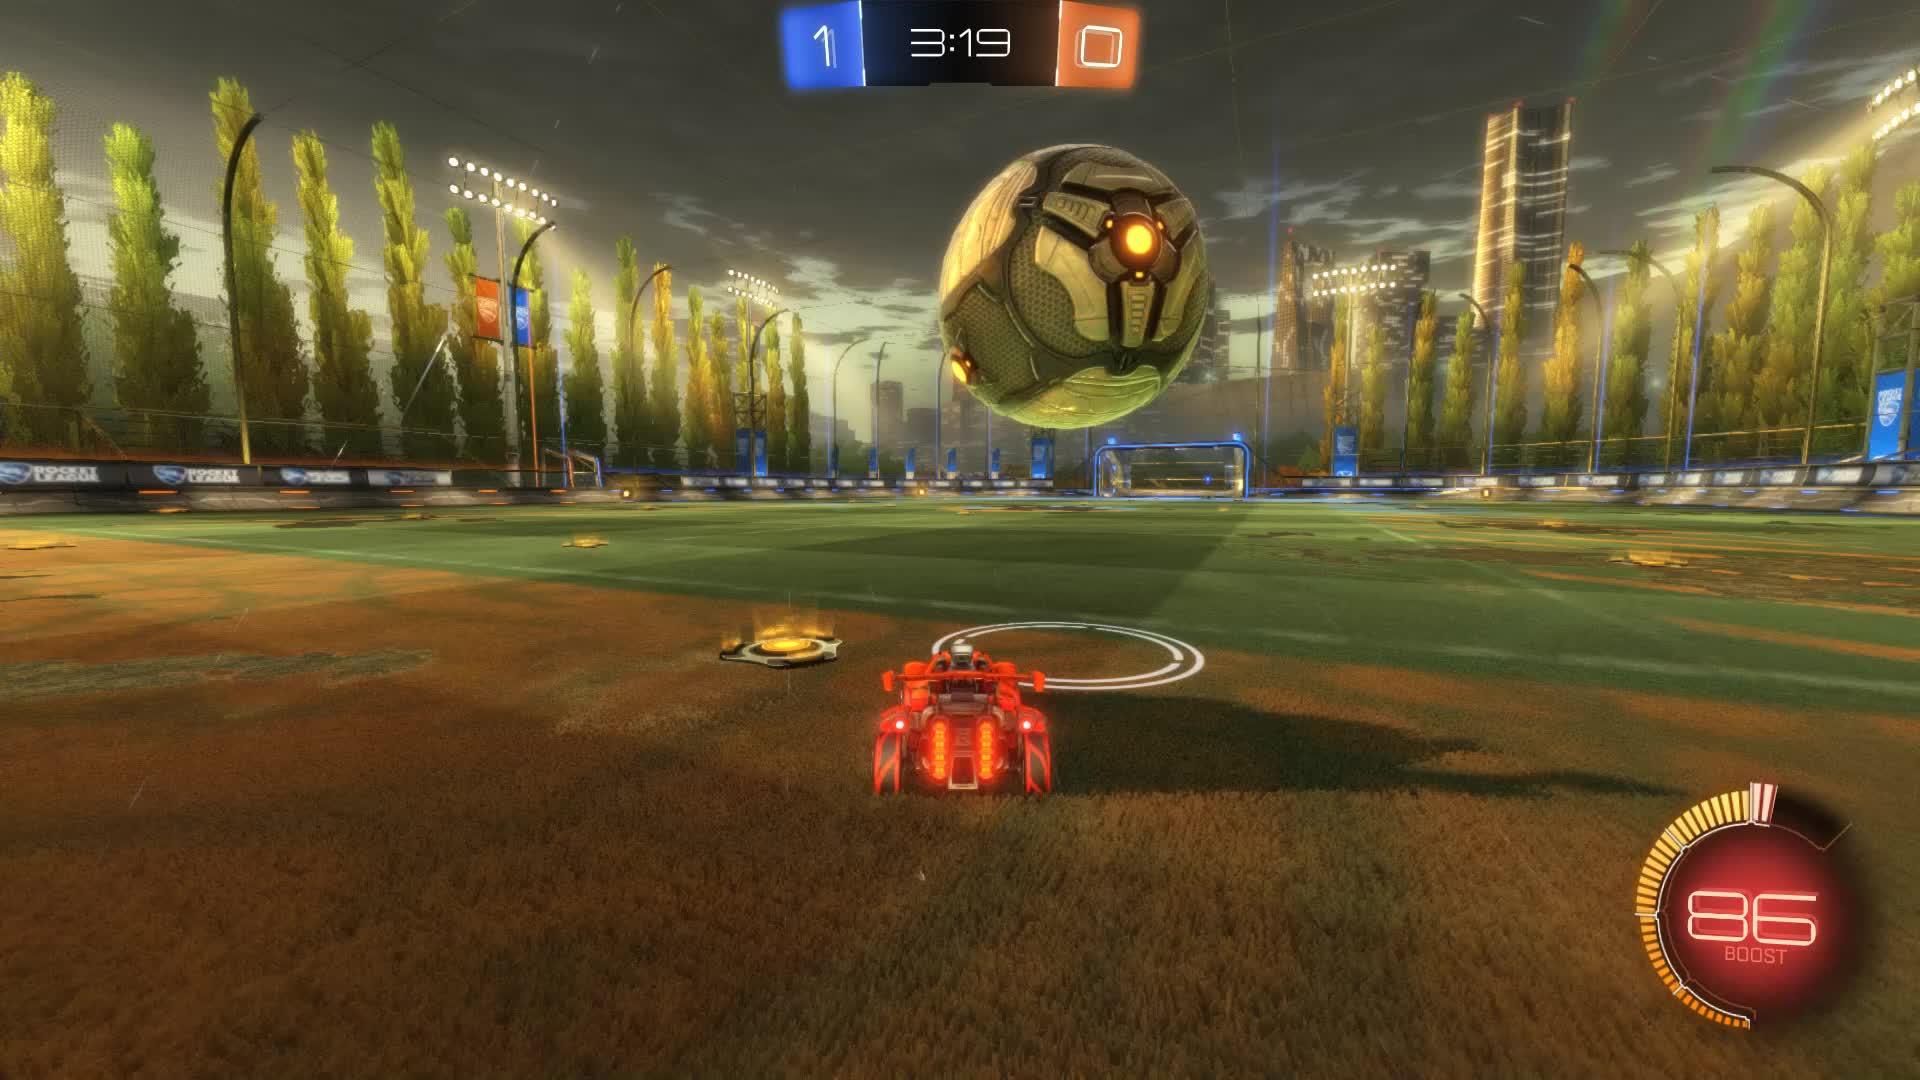 Gif Your Game, GifYourGame, Goal, Ketchup = Bipolar, Rocket League, RocketLeague, Goal 2: Ketchup = Bipolar GIFs